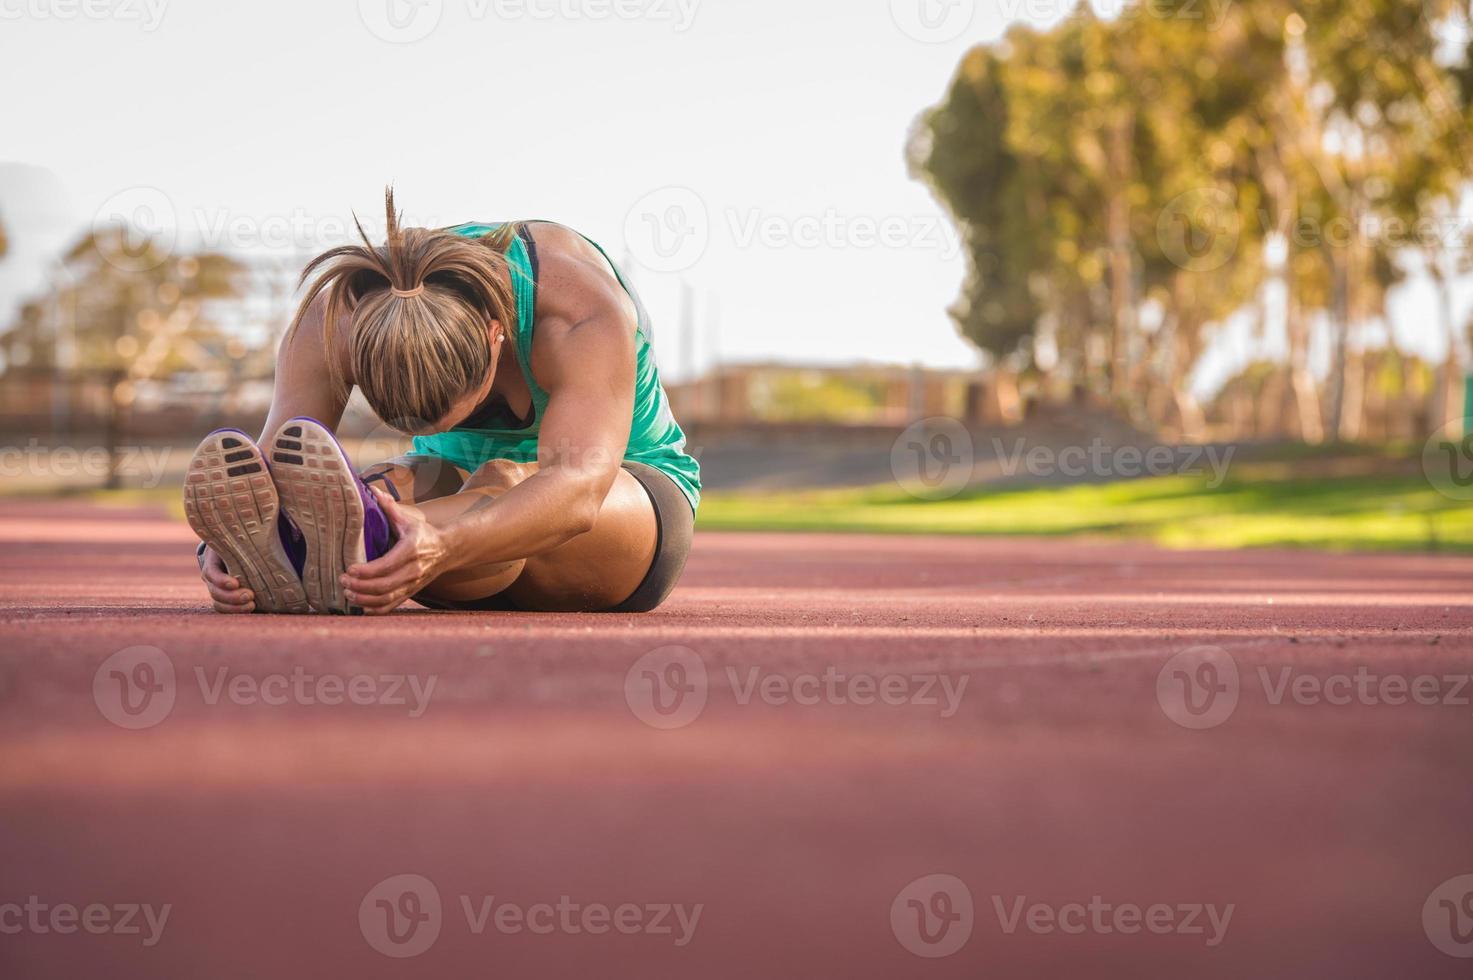 atleta femminile che si estende su una pista da corsa foto